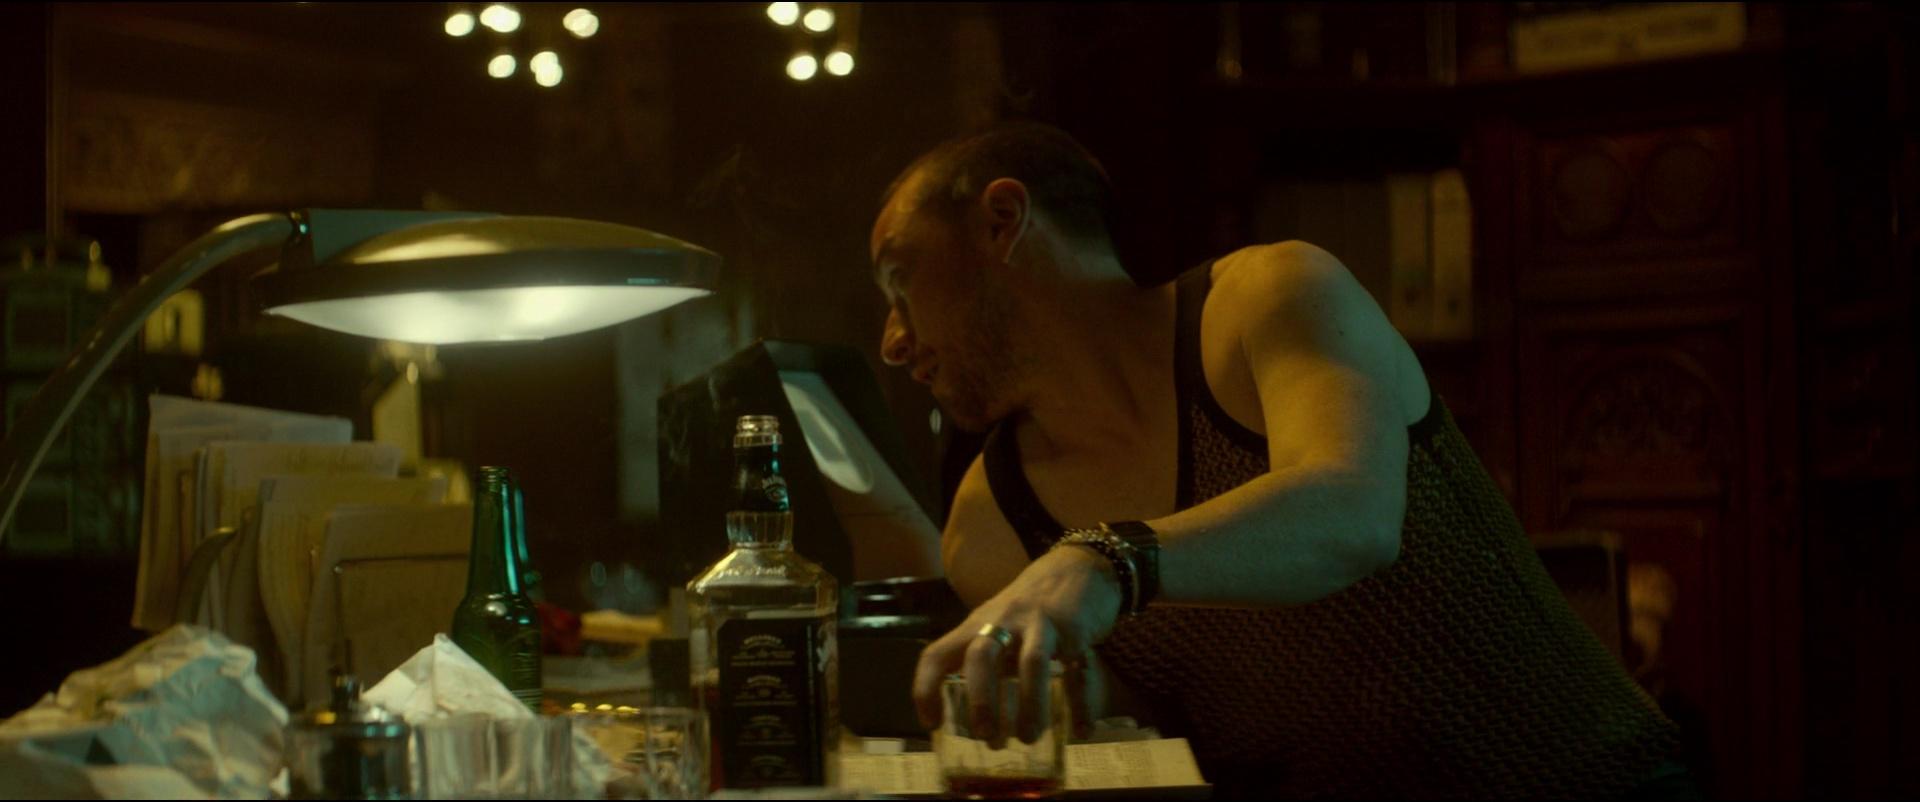 Jack Daniel S Whiskey And Heineken Beer In Atomic Blonde